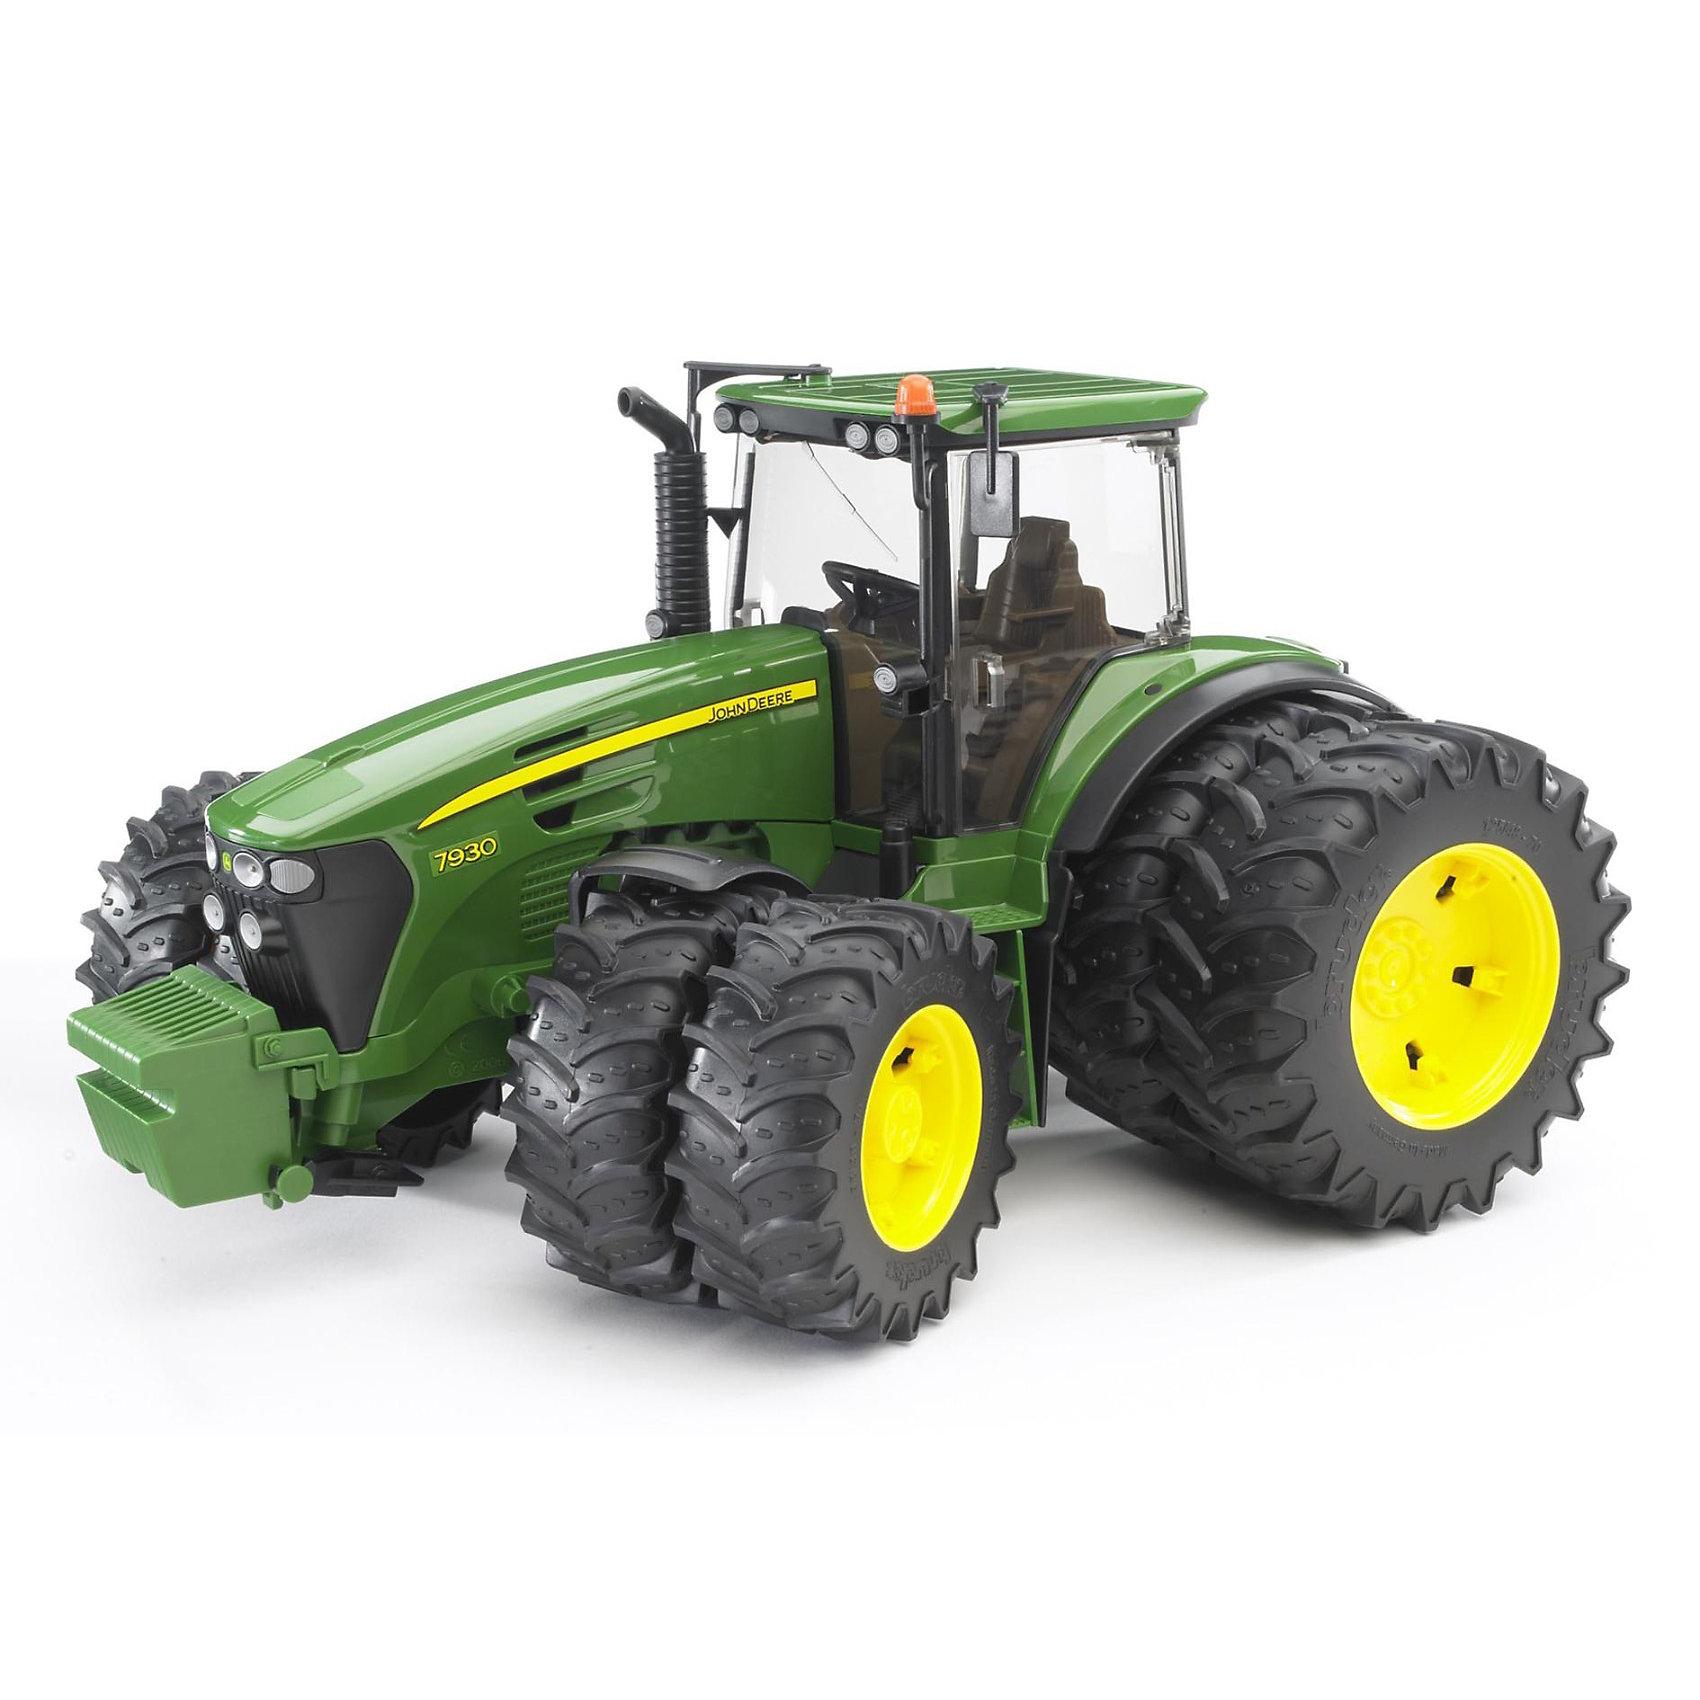 Трактор John Deere с двойными колёсами, BruderМашинки<br>Трактор John Deere с двойными колёсами, Bruder (Брудер) - это качественная детализированная игрушка с подвижными элементами.<br>Трактор John Deere от немецкого производителя игрушек Bruder (Брудер) - это уменьшенная полноценная копия настоящей машины! Модель отличается высокой степенью детализации. Кабина трактора с открывающимися дверьми и люком, прозрачным пластиком на окнах, водительским сидением, рулем и декоративными рычагами тщательно проработана. Даже протекторы шин на колесах игрушечной модели имитируют оригинал. Капот трактора поднимается, открывая доступ к двигателю. Передняя ось оснащена амортизатором, что позволит трактору сохранять устойчивость на любых труднопроходимых участках дороги, легко преодолевая препятствия на своём пути. Широкие большие сдвоенные колёса трактора с крупным протектором обладают повышенной проходимостью. Колеса прорезиненные. Они не гремят при езде и не царапают пол. Управление передними колесами осуществляется с помощью руля в кабине или дополнительного руля, который вставляется через отодвигающее отверстие на крыше трактора. Есть фаркоп для прицепных устройств. Игрушка изготовлена из высококачественного пластика, устойчивого к износу и ударам. Продукция сертифицирована, экологически безопасна для ребенка, использованные красители не токсичны и гипоаллергенны.<br><br>Дополнительная информация:<br><br>- Масштаб 1:16<br>- Размер трактора: 37,5 х 37,5 х 20.5 см.<br>- Материал: высококачественный ударопрочный пластик АБС<br>- Цвет: зеленый, черный, желтый<br><br>Трактор John Deere с двойными колёсами, Bruder (Брудер) можно купить в нашем интернет-магазине.<br><br>Ширина мм: 393<br>Глубина мм: 289<br>Высота мм: 220<br>Вес г: 1487<br>Возраст от месяцев: 36<br>Возраст до месяцев: 96<br>Пол: Мужской<br>Возраст: Детский<br>SKU: 3481412